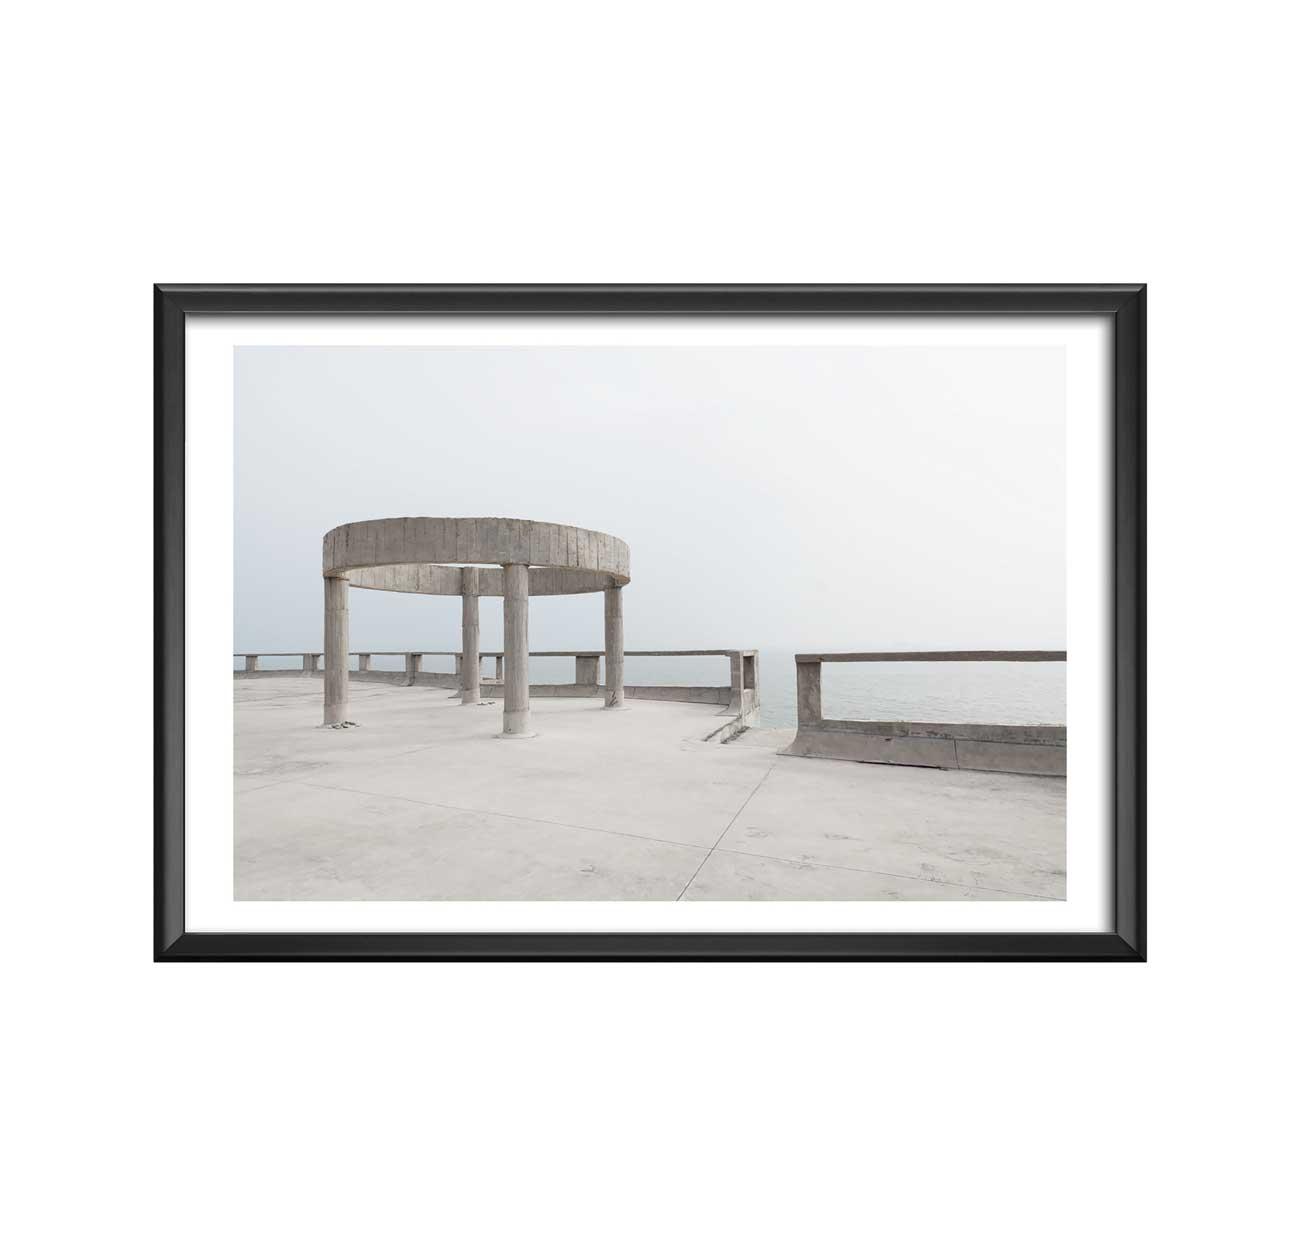 tirage limit xiamen 15 aur lie foussard photographie d 39 art contemporain pandorart. Black Bedroom Furniture Sets. Home Design Ideas